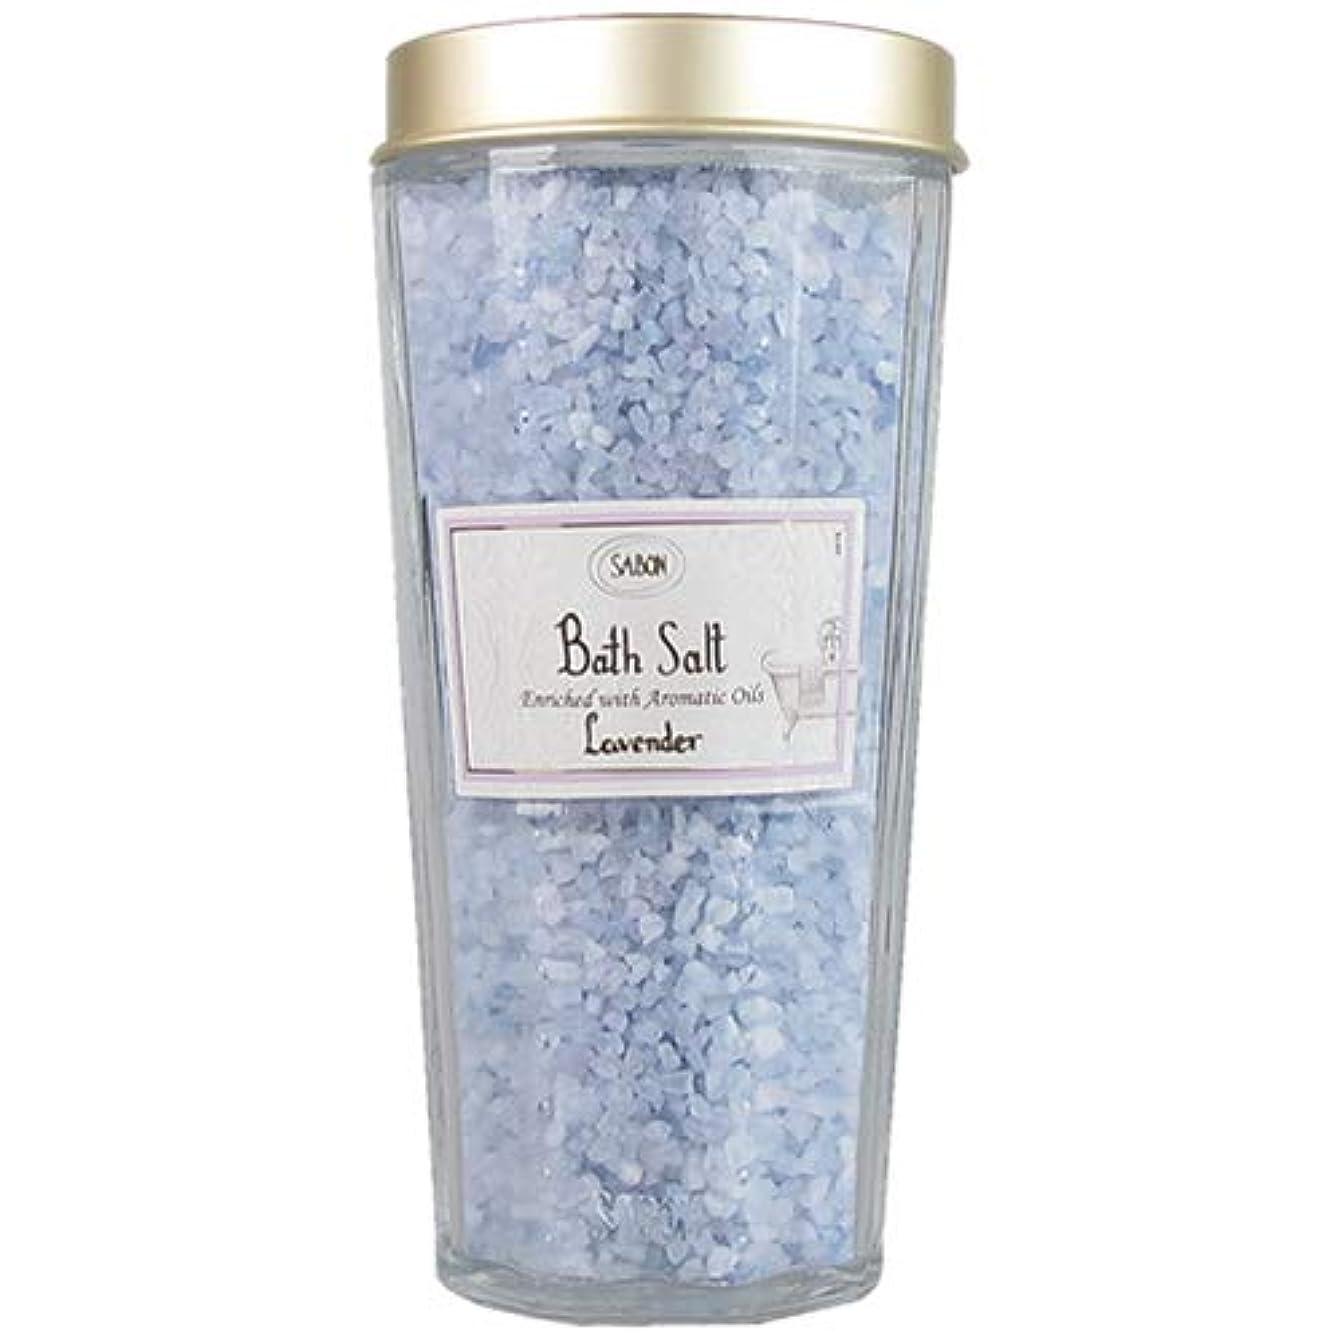 共産主義者破滅ビュッフェサボン バスソルト ラベンダー 350g SABON [入浴剤] Bath Salt [並行輸入品]